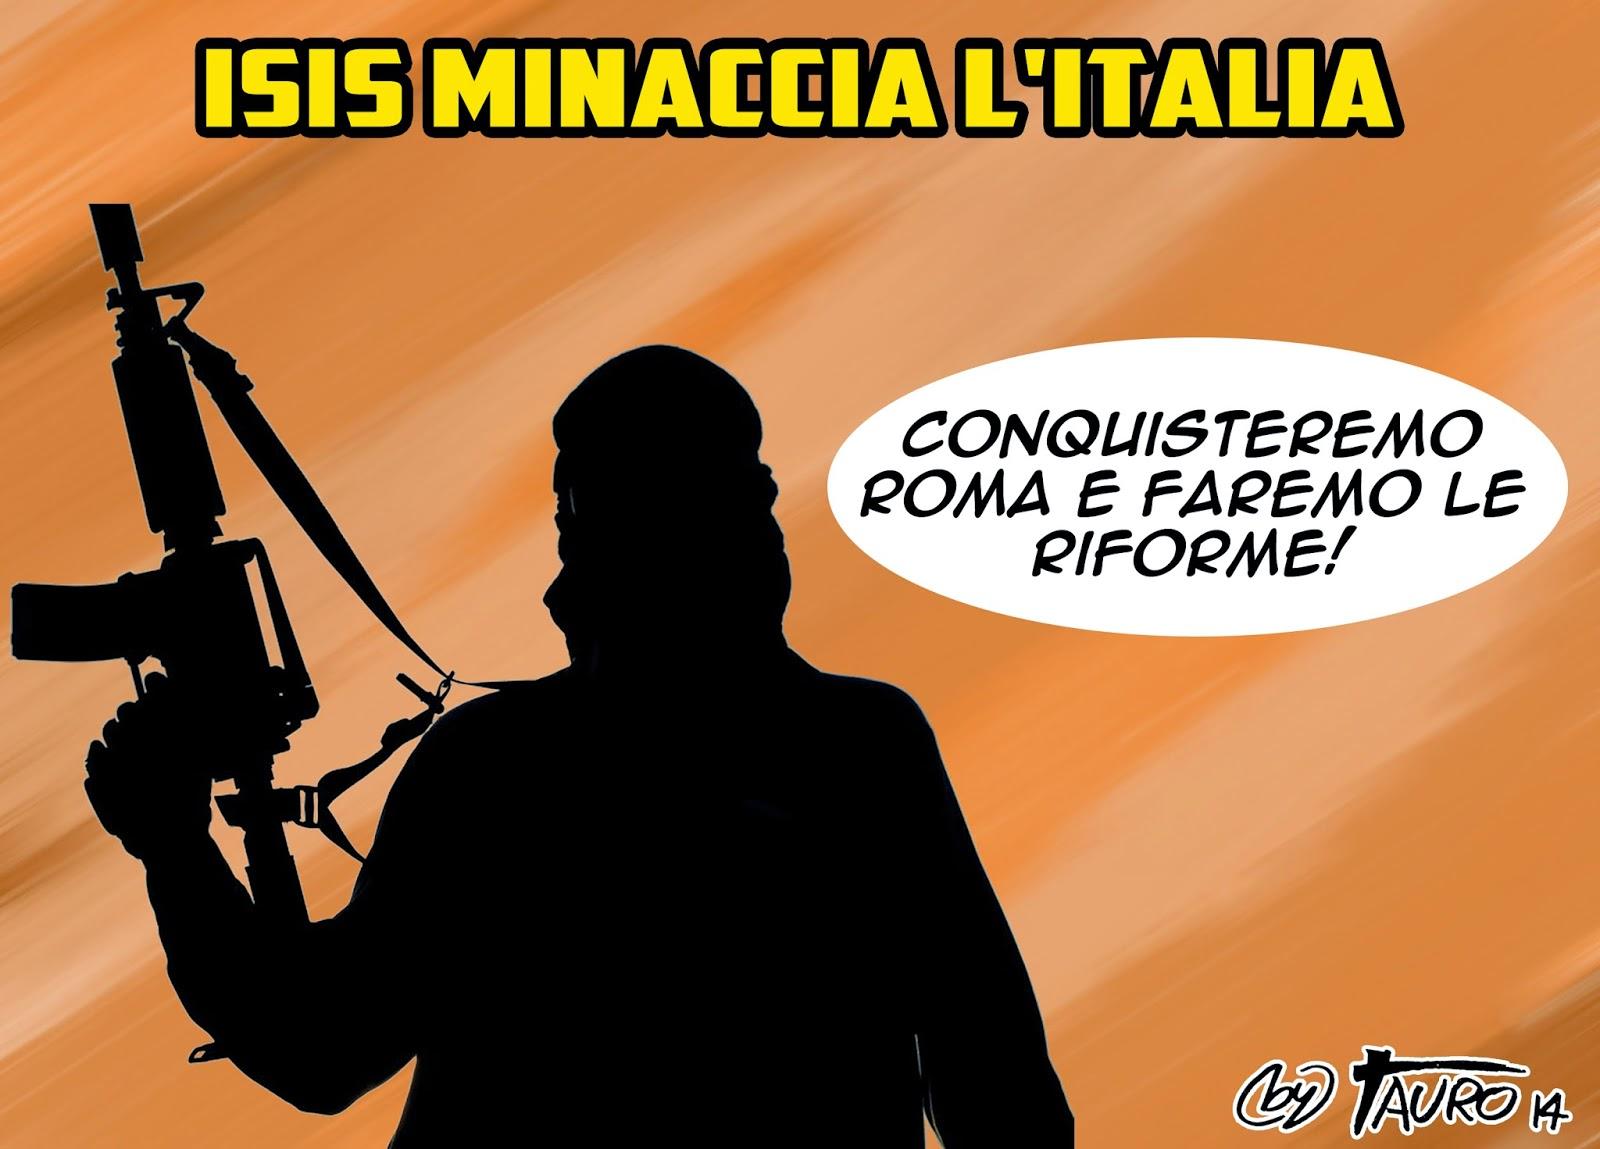 ISIS minaccia